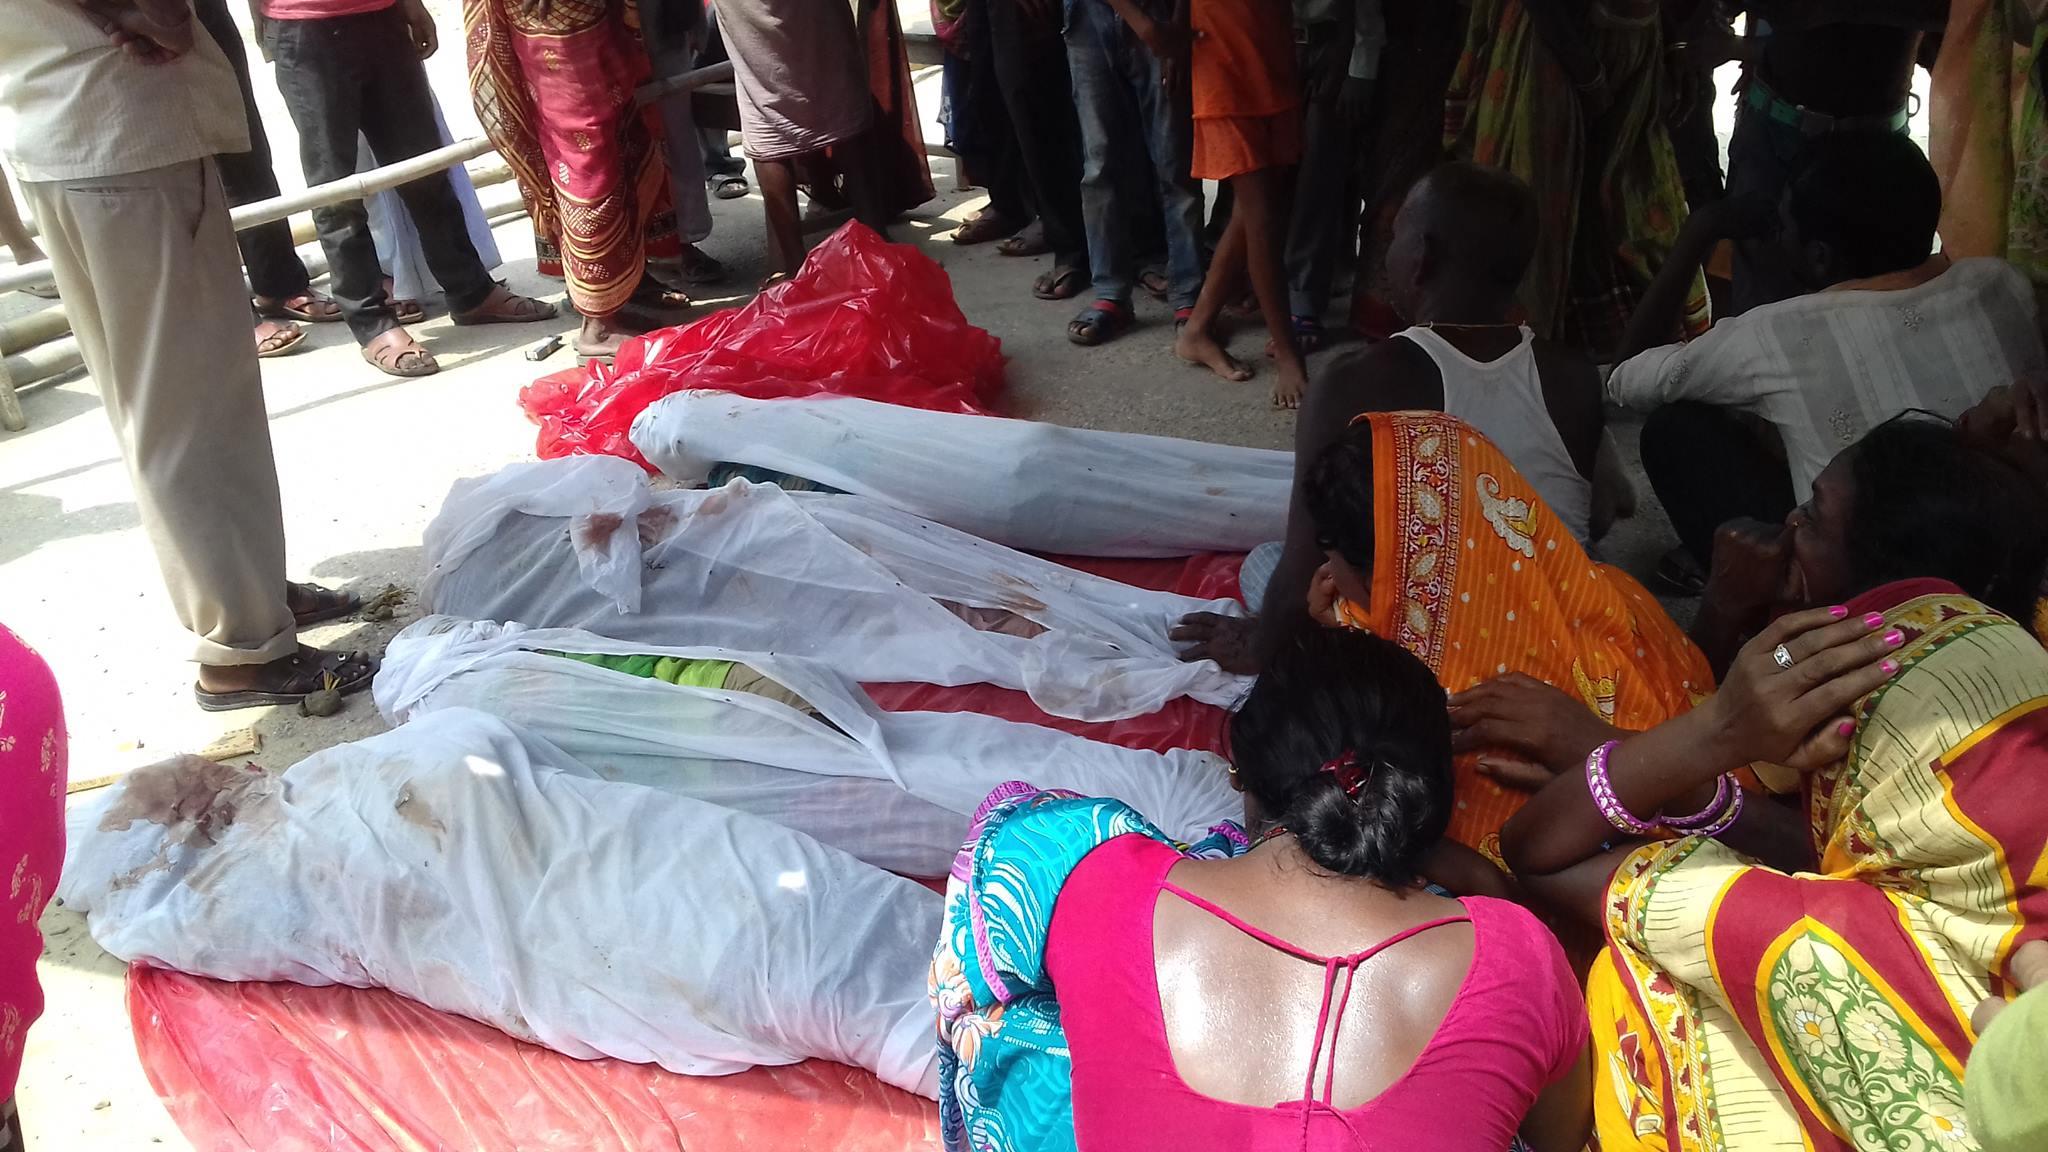 रौतहट(गरुडा न.पा) सड़क निर्माणको क्रममा खनिएको खाल्डोमा डुबेर चार बालिकाको मृत्यु